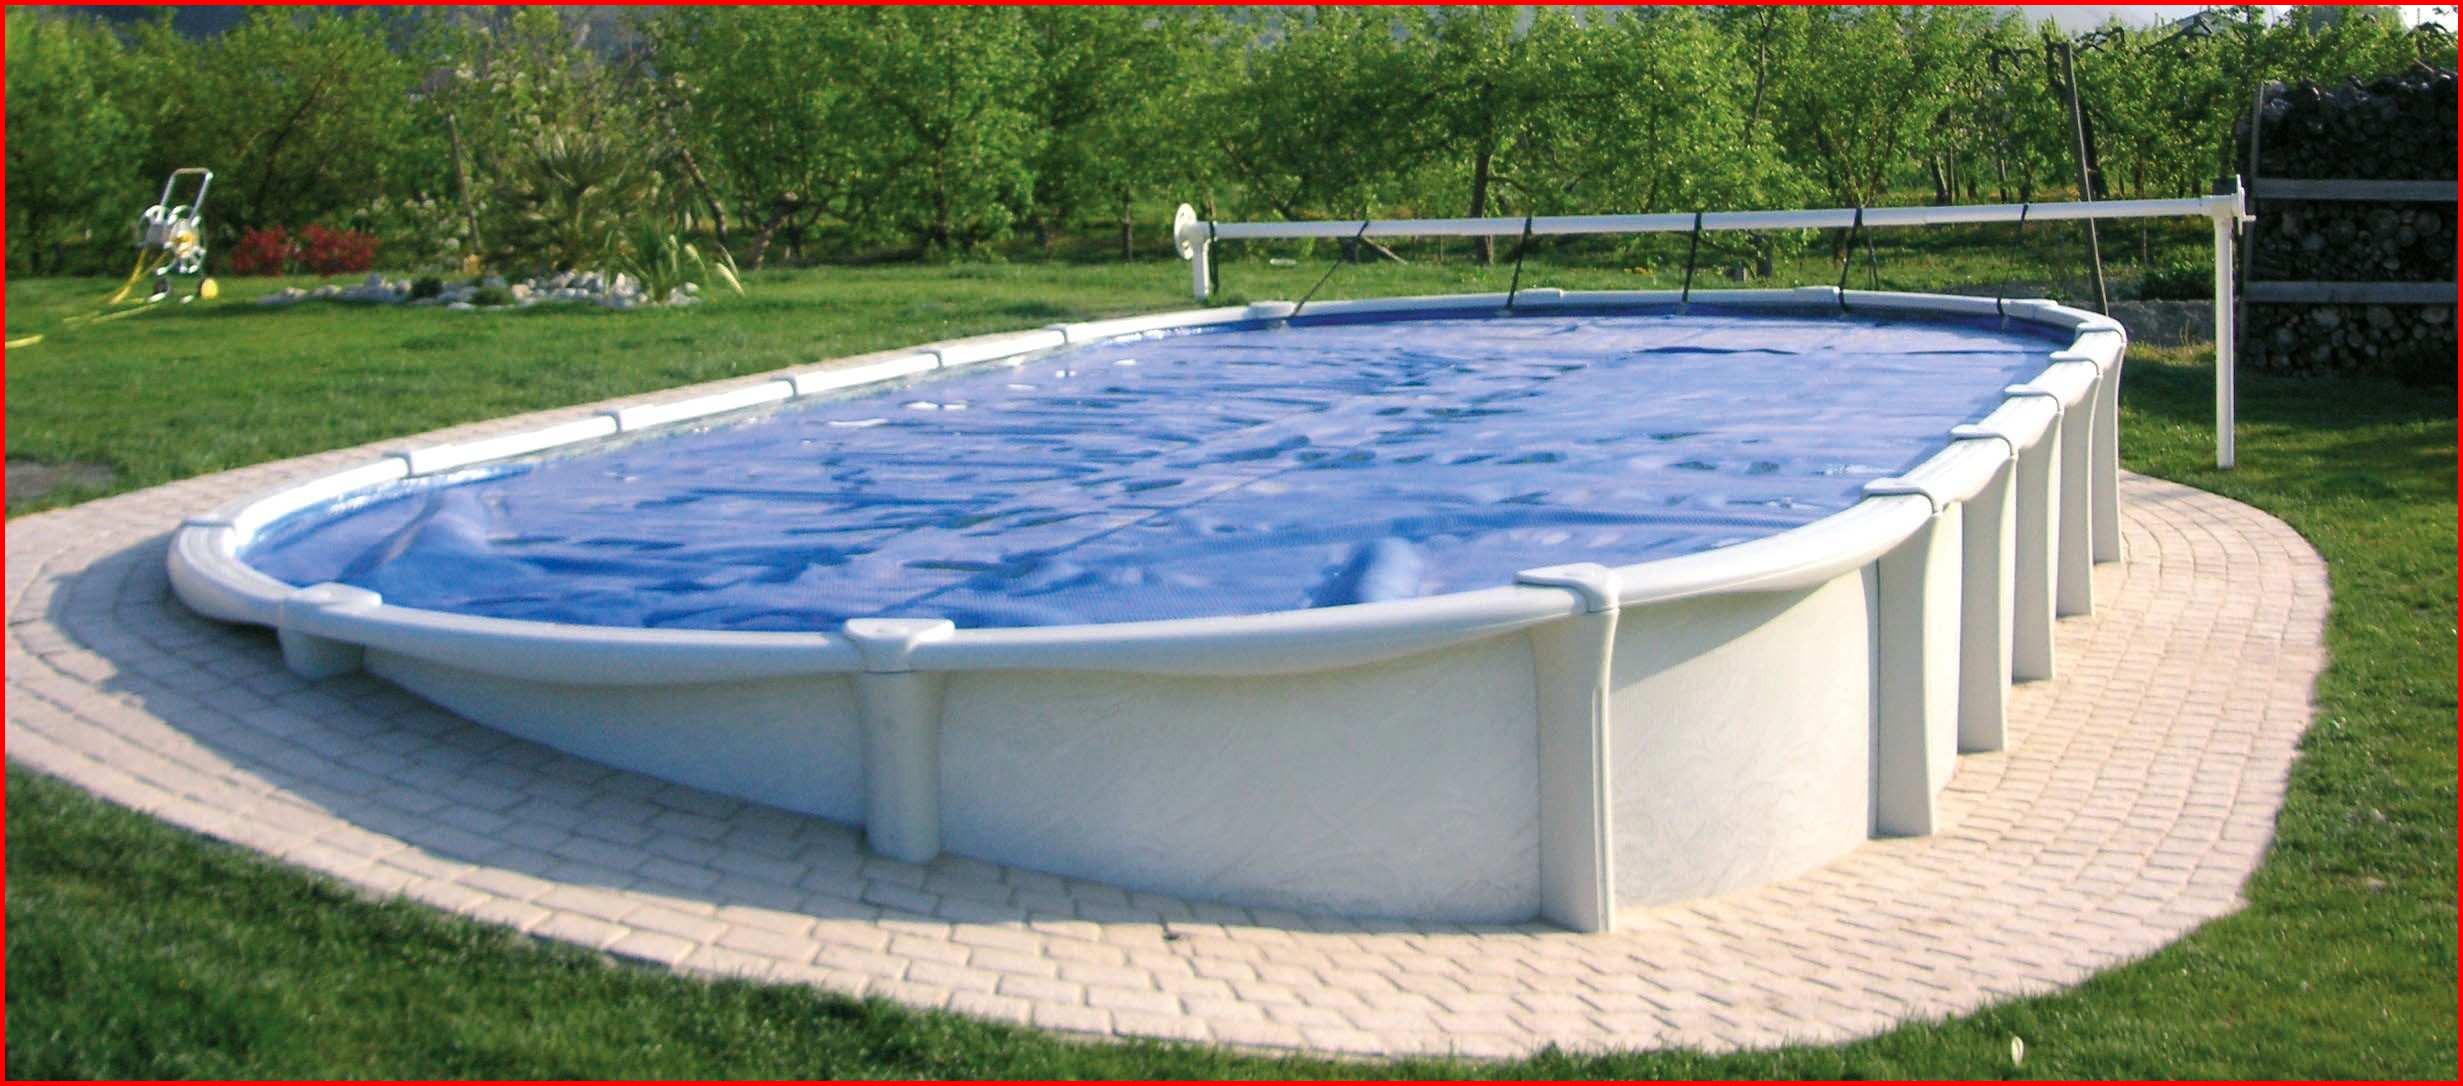 Veranda piscine occasion - veranda-styledevie.fr